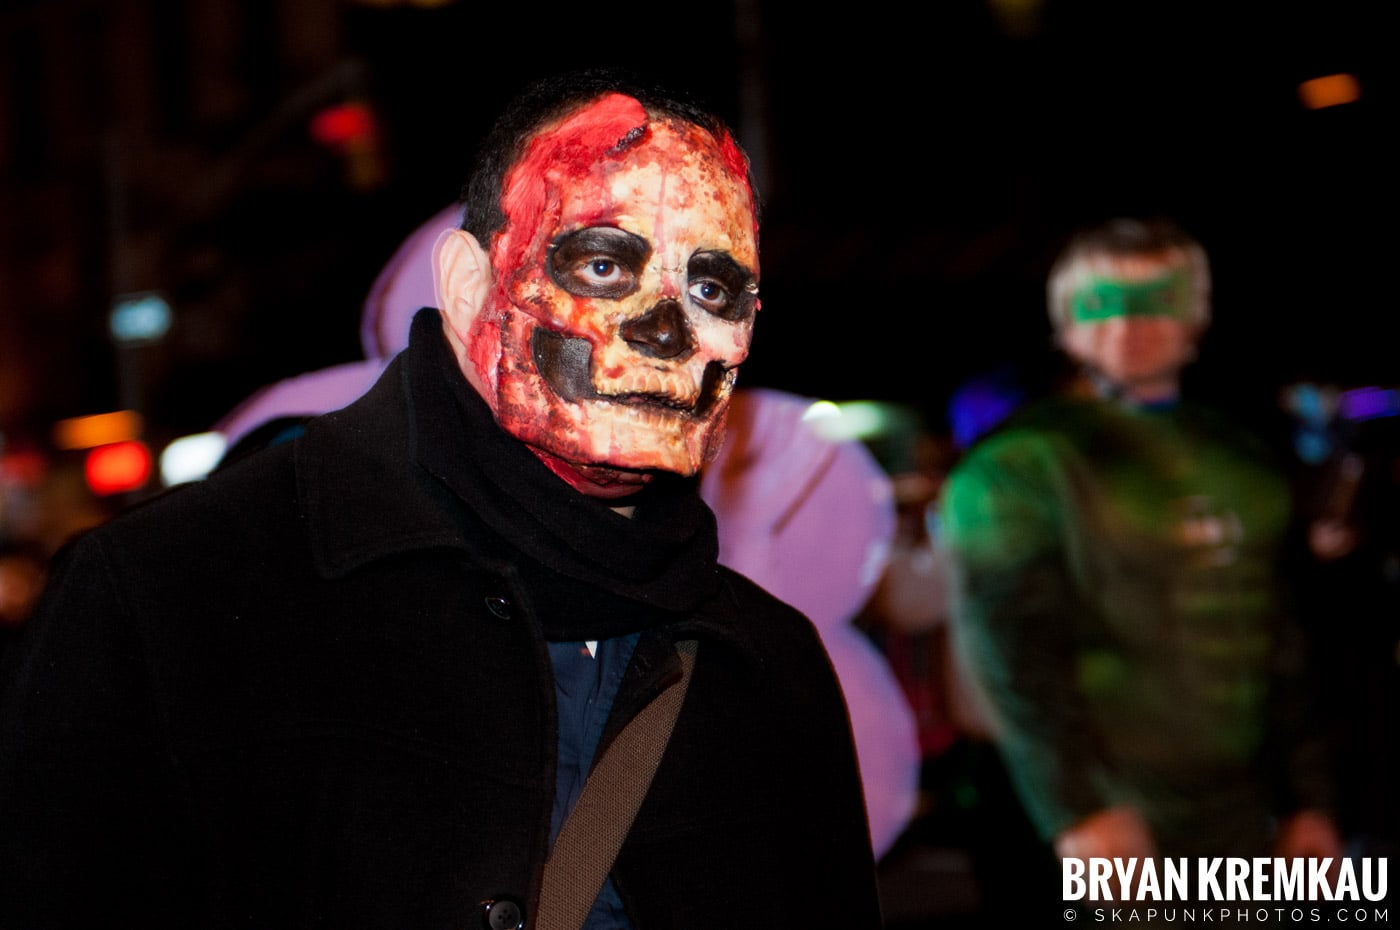 NYC Halloween Parade 2011 @ New York, NY - 10.31.11 (46)